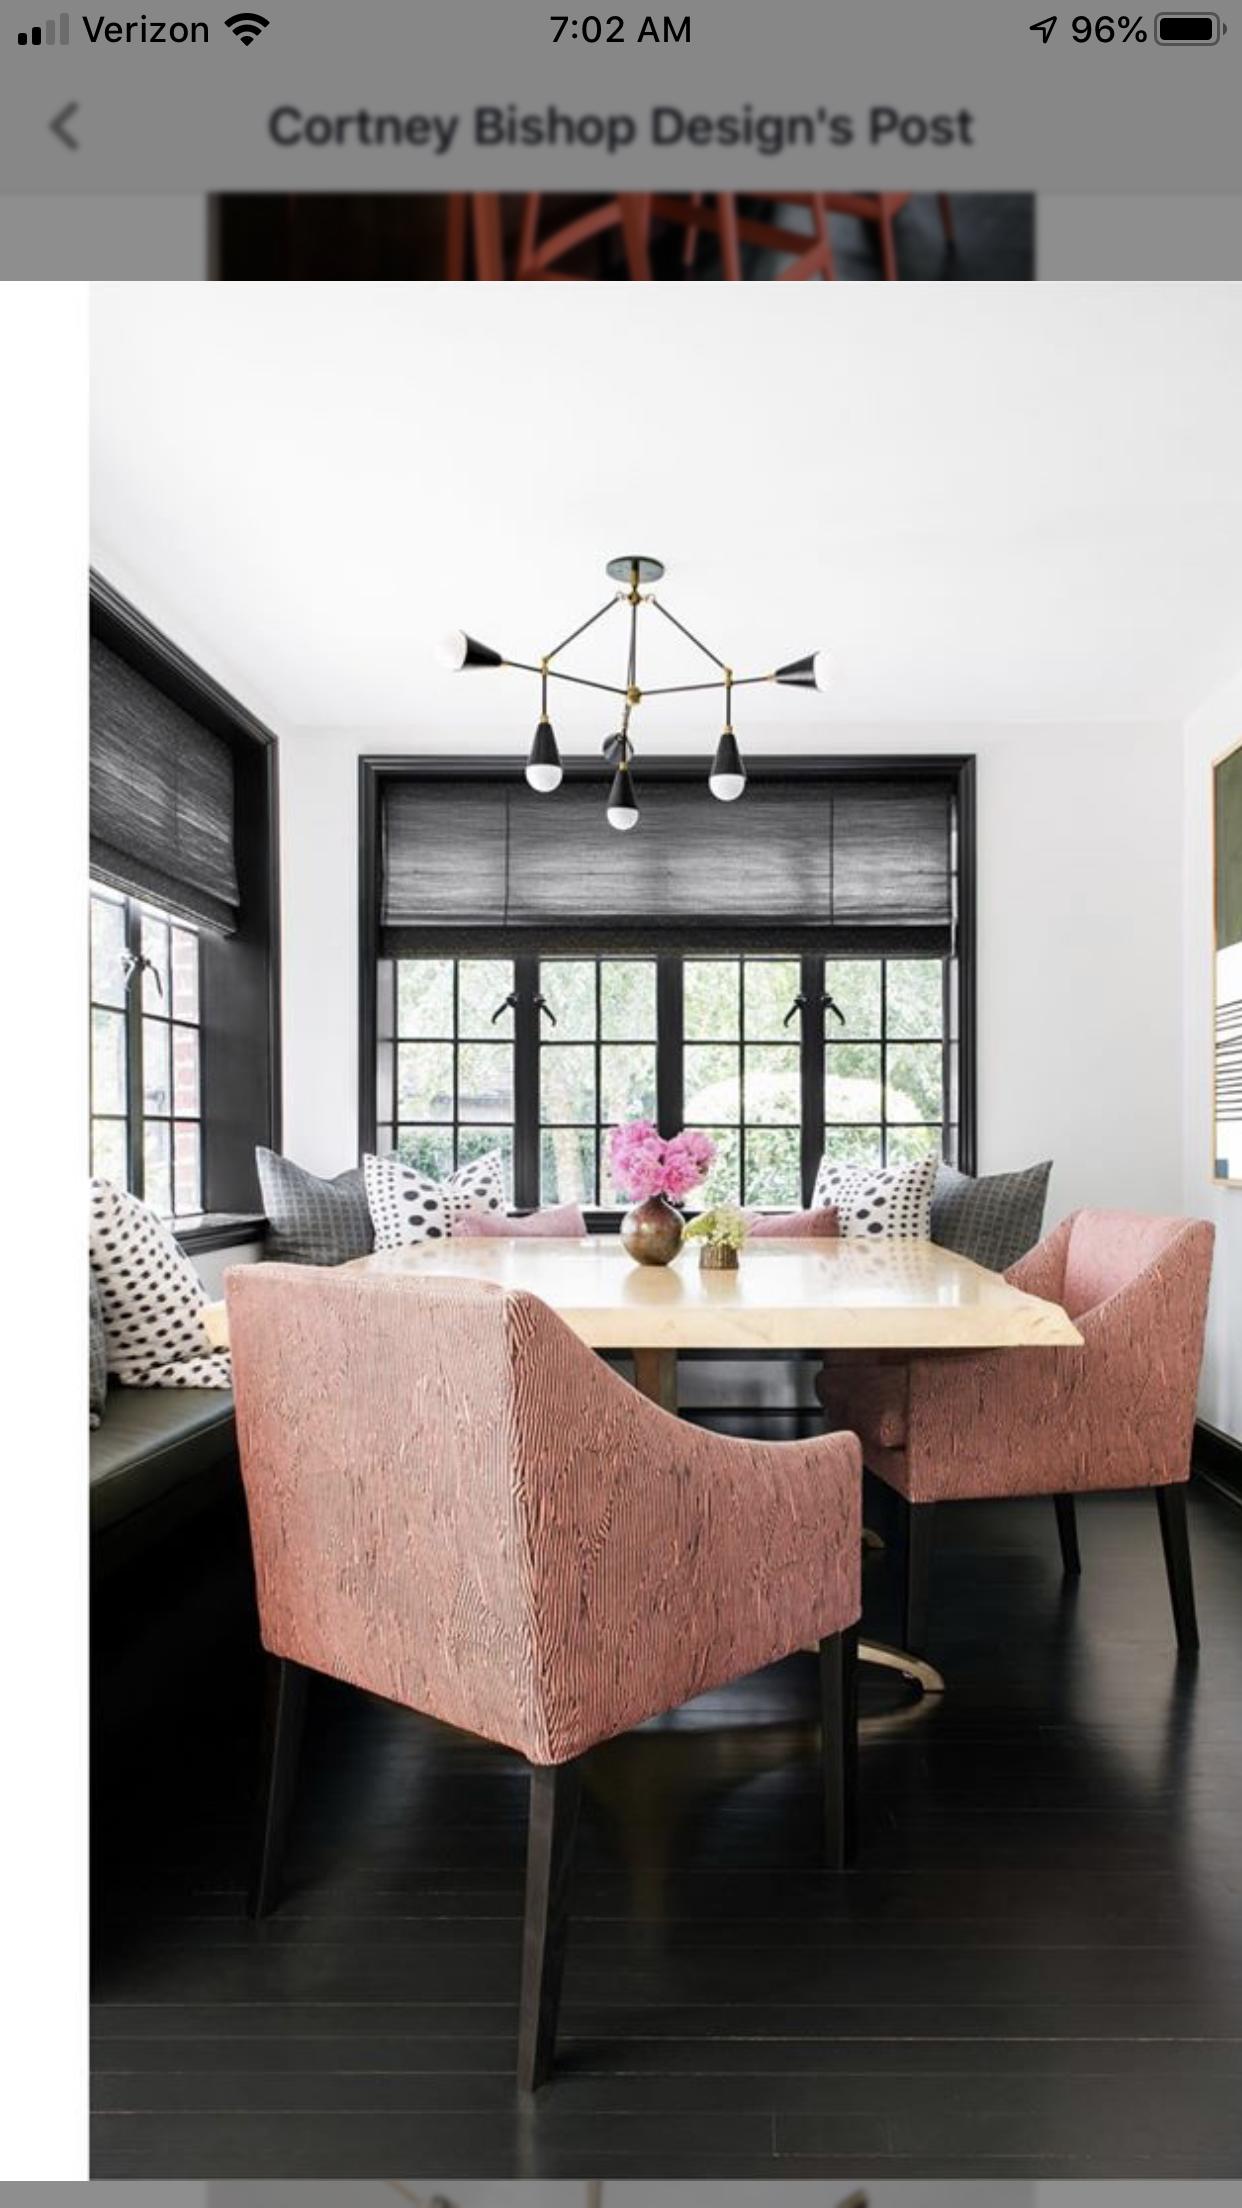 Pin By Rebekah Unger On Dining Room Dining Room Design Scandinavian Furniture Design Room Design